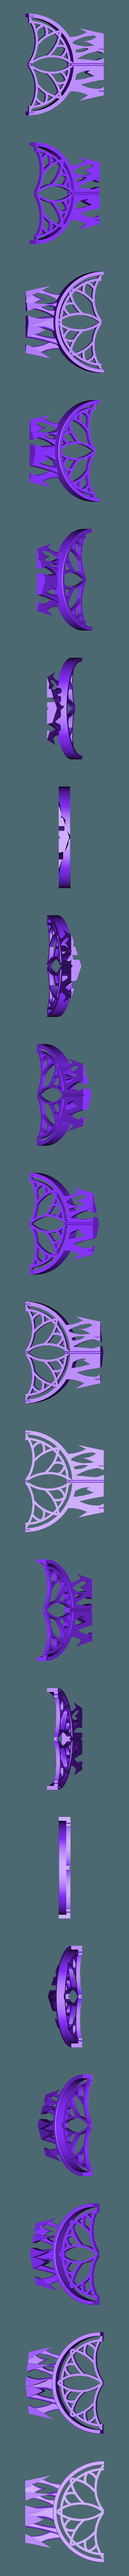 Dream Nail 3-2.stl Download STL file Hollow Knight Dream Nail • 3D print object, glargonoid